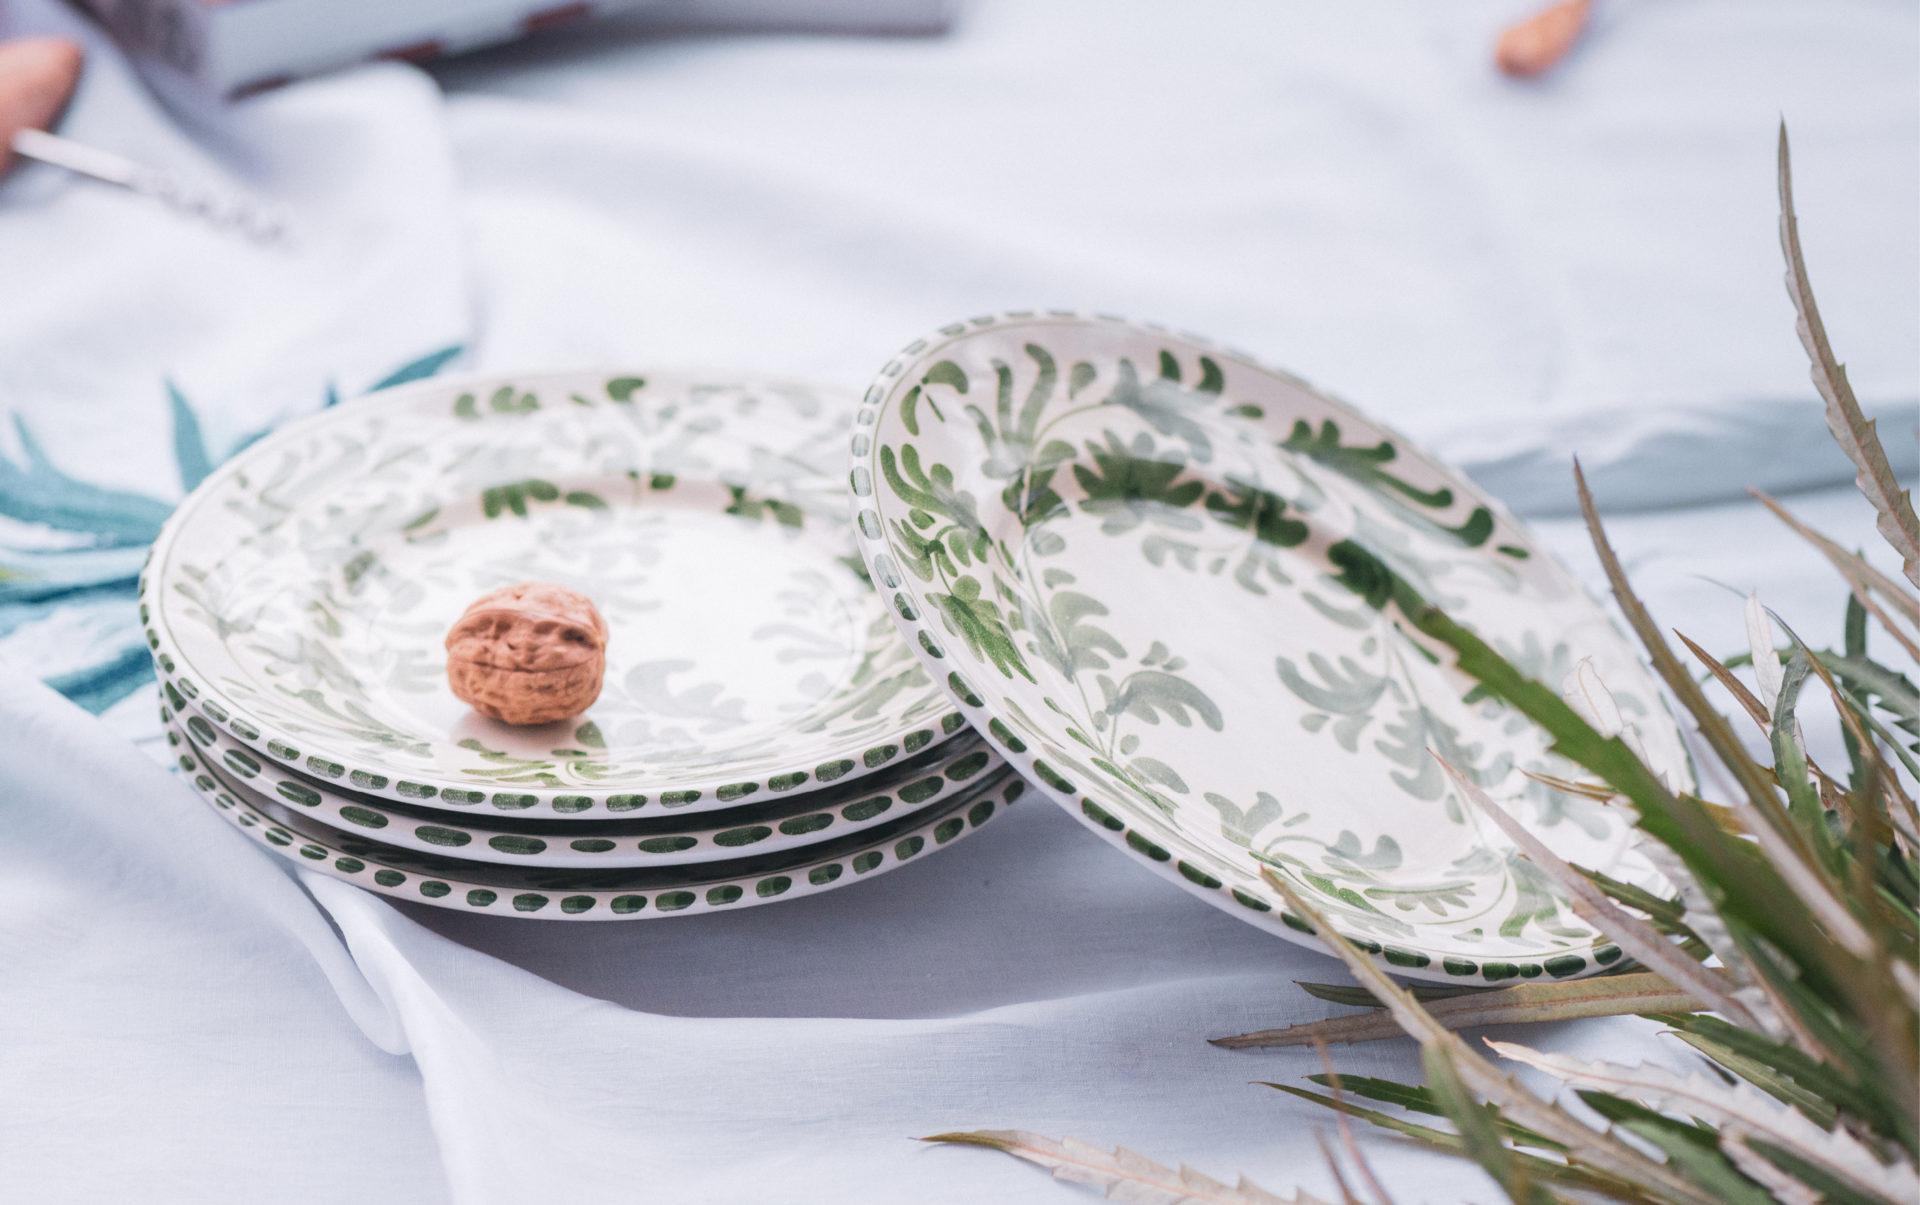 4 assiettes Pampa - Dimanche Vaisselle